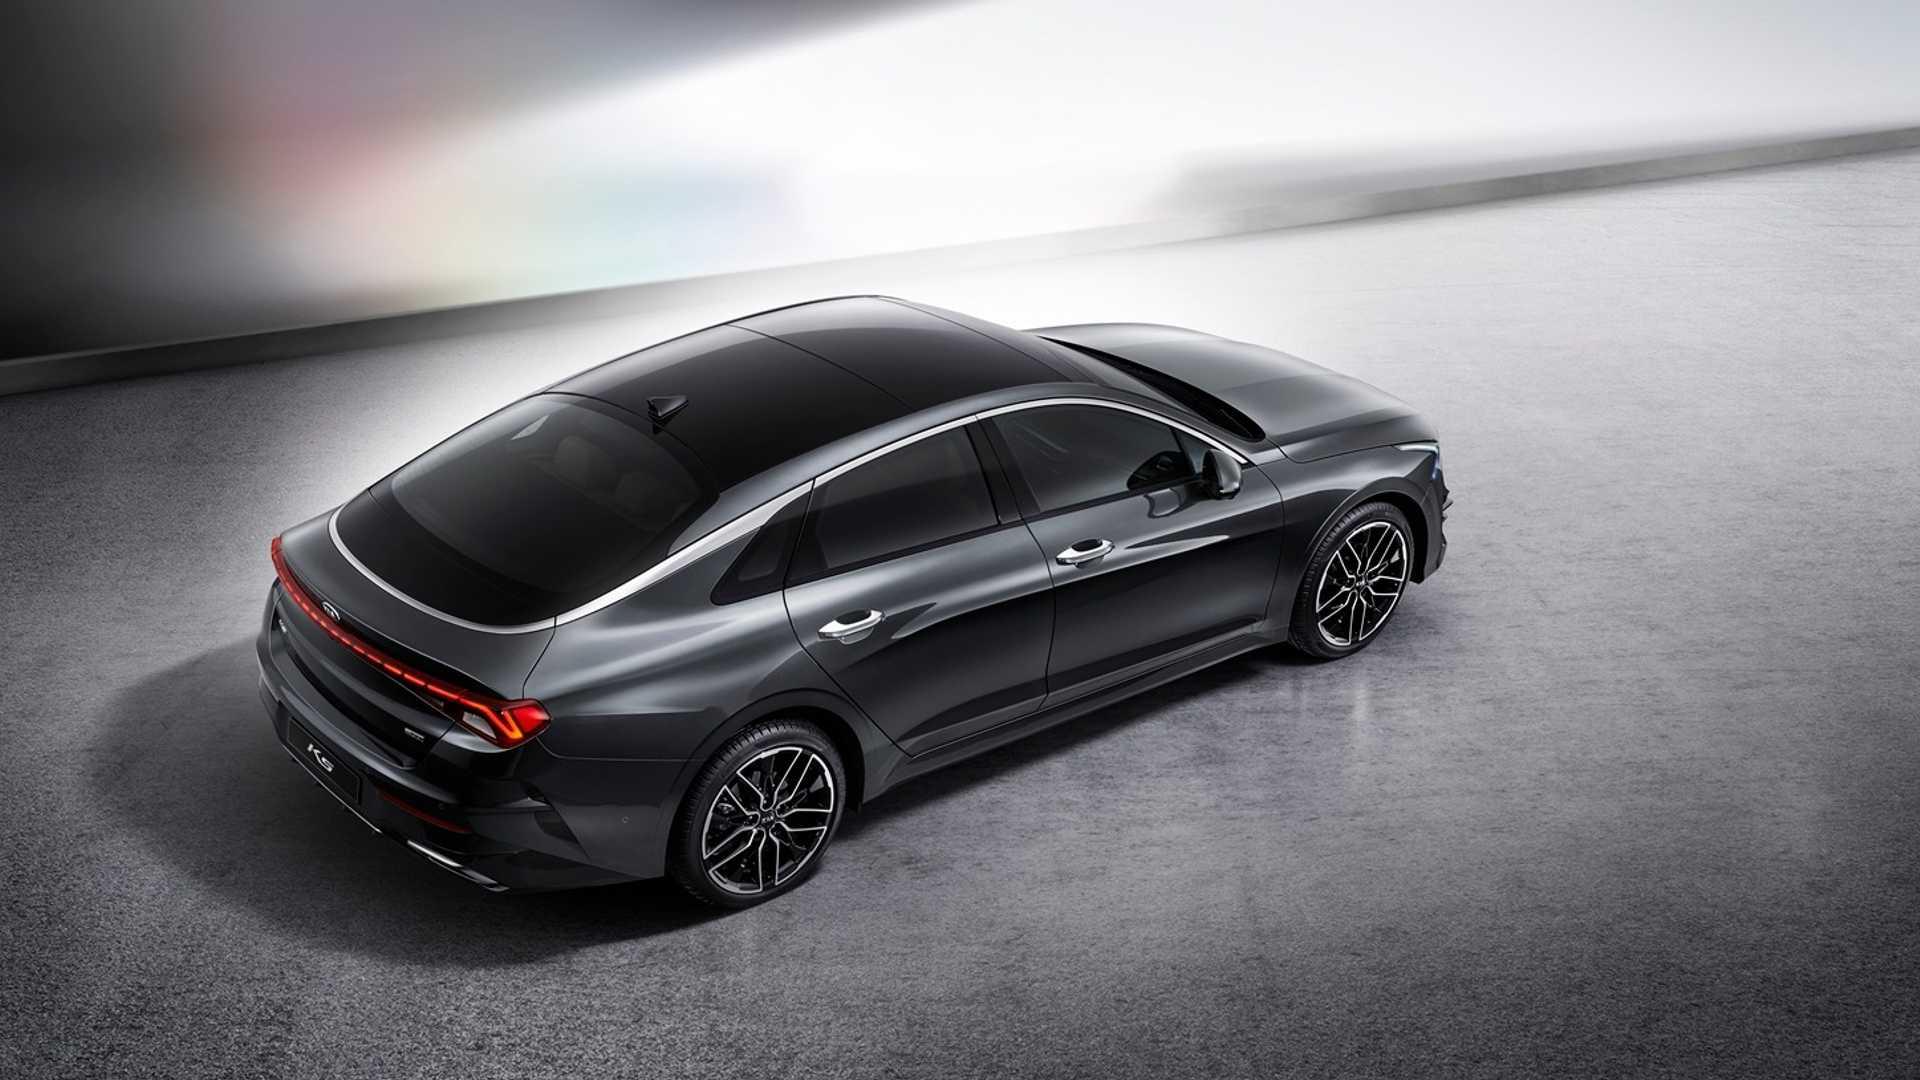 Новая Kia Optima 2020 порадовала дизайном как у купе